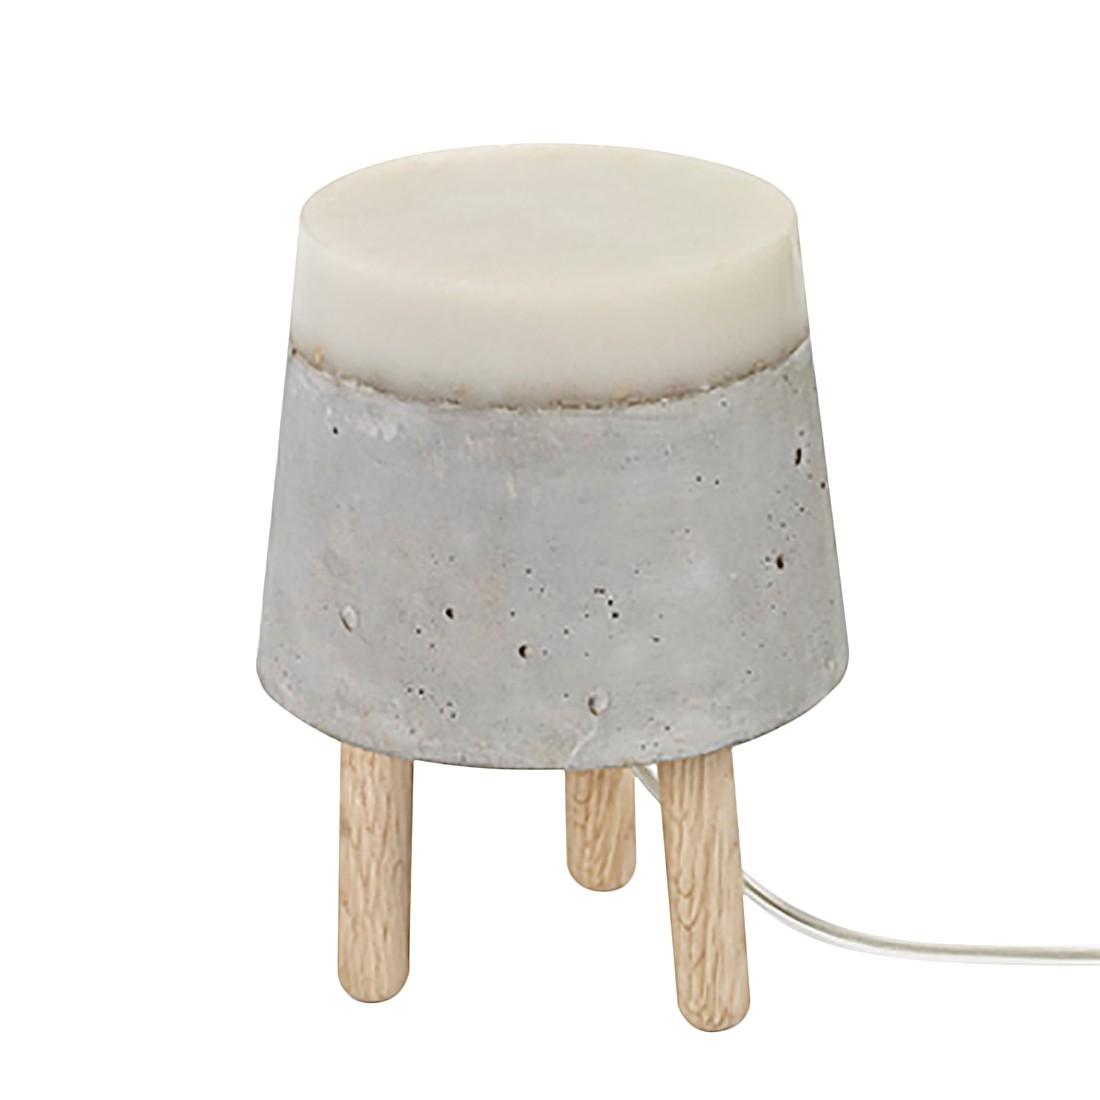 Tischleuchte – Beton – 1-flammig, Serax günstig kaufen